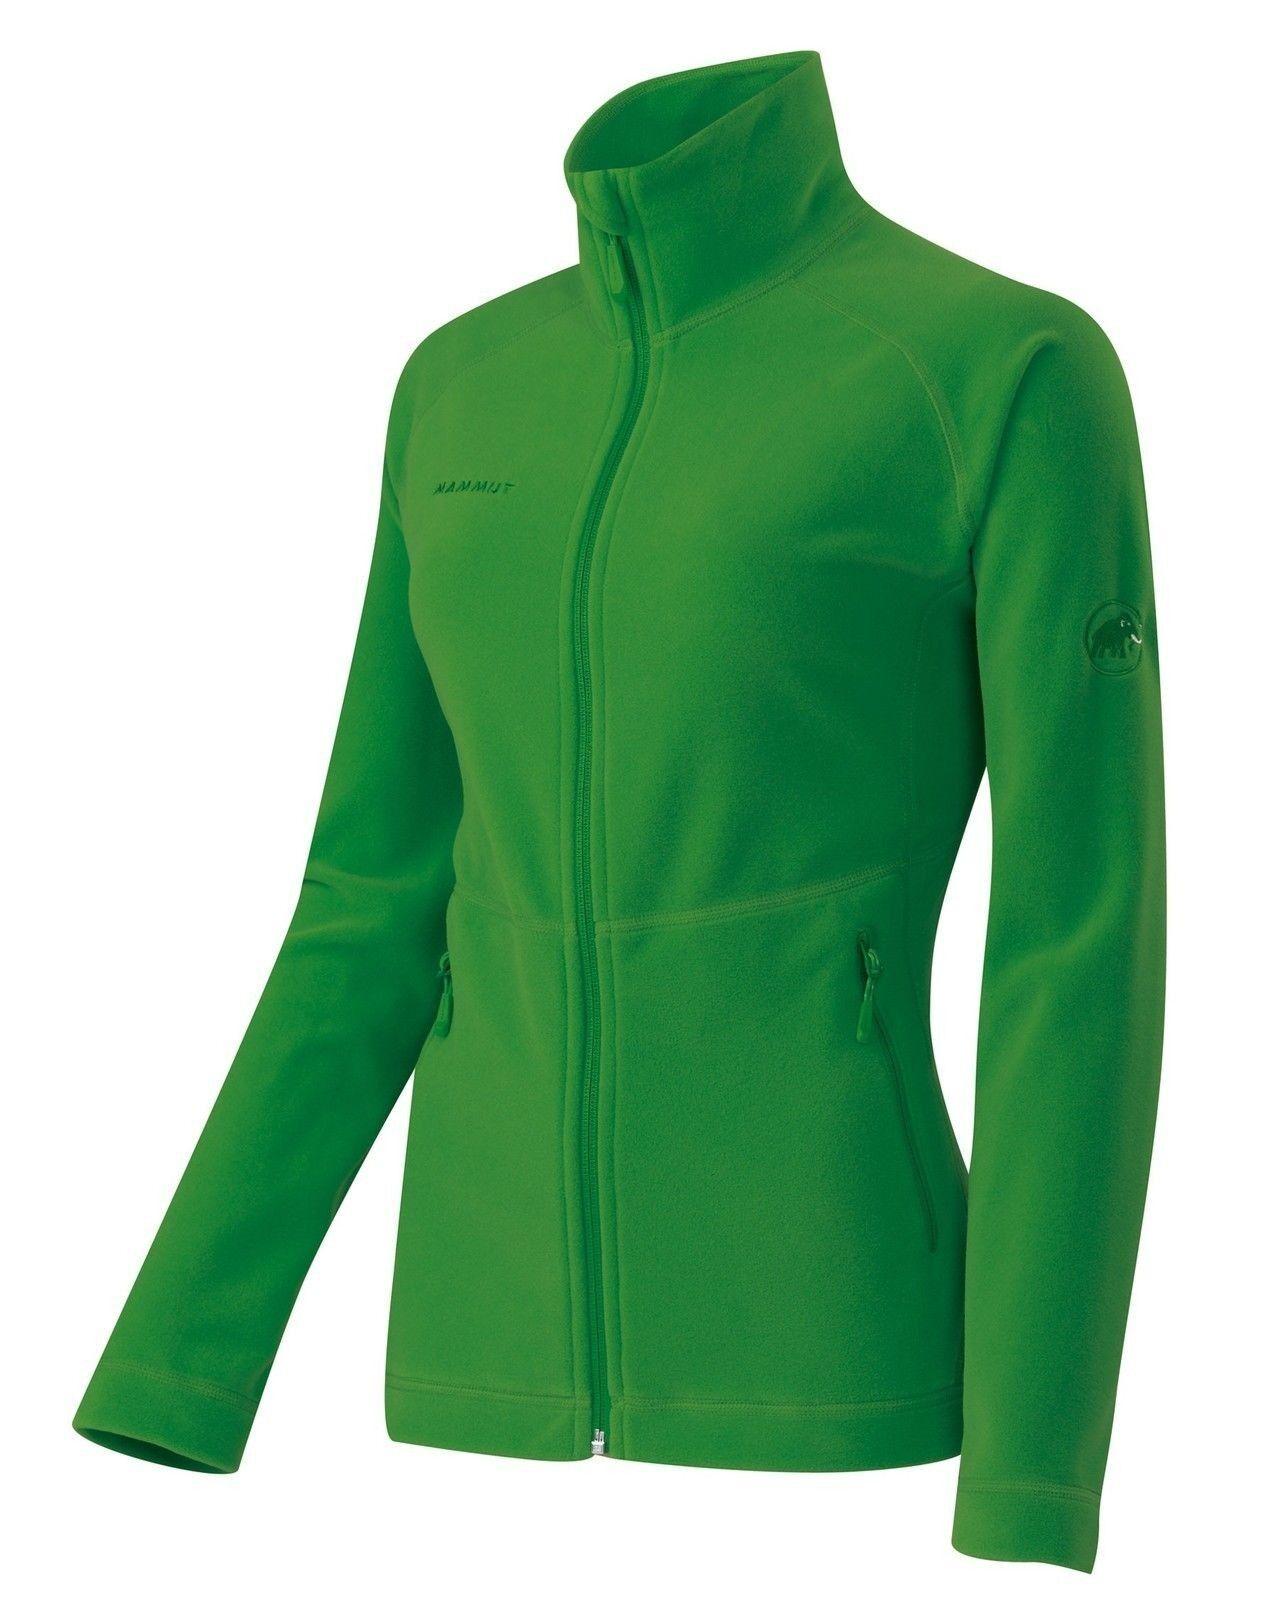 Mamut Yampa Chaqueta de women, Ligero Chaqueta Con Forro para women, green